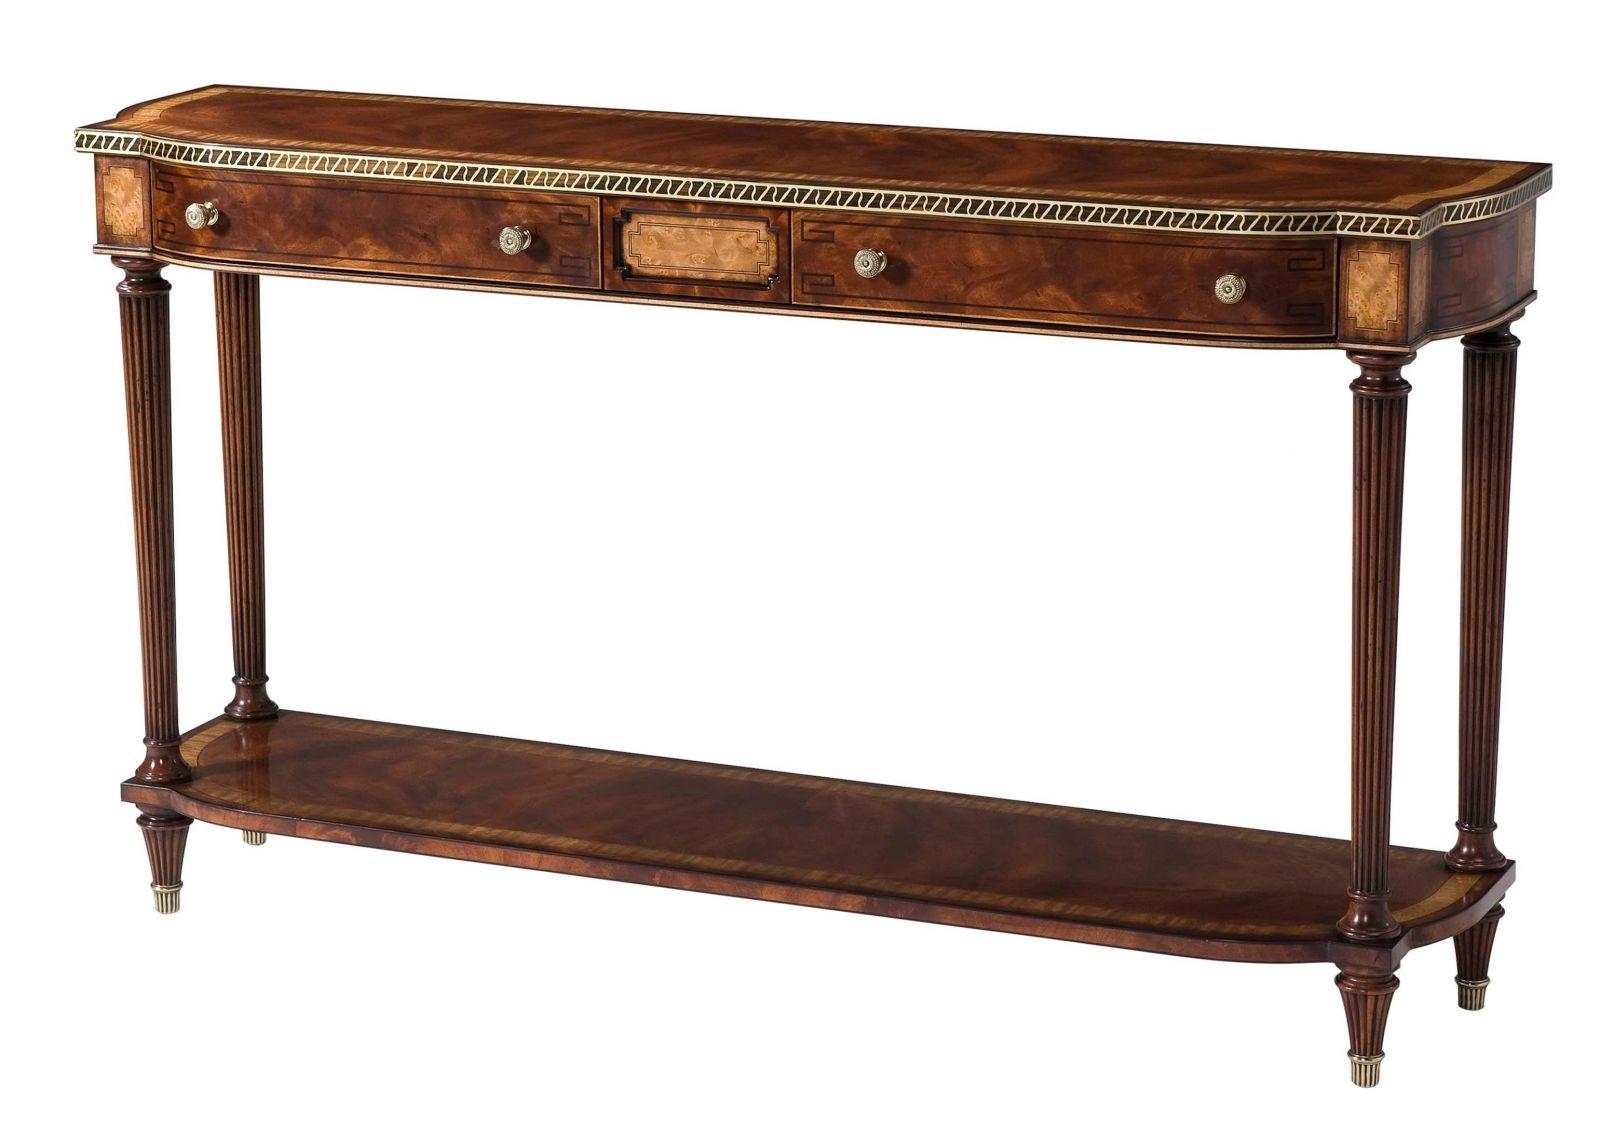 A mahogany veneered console table